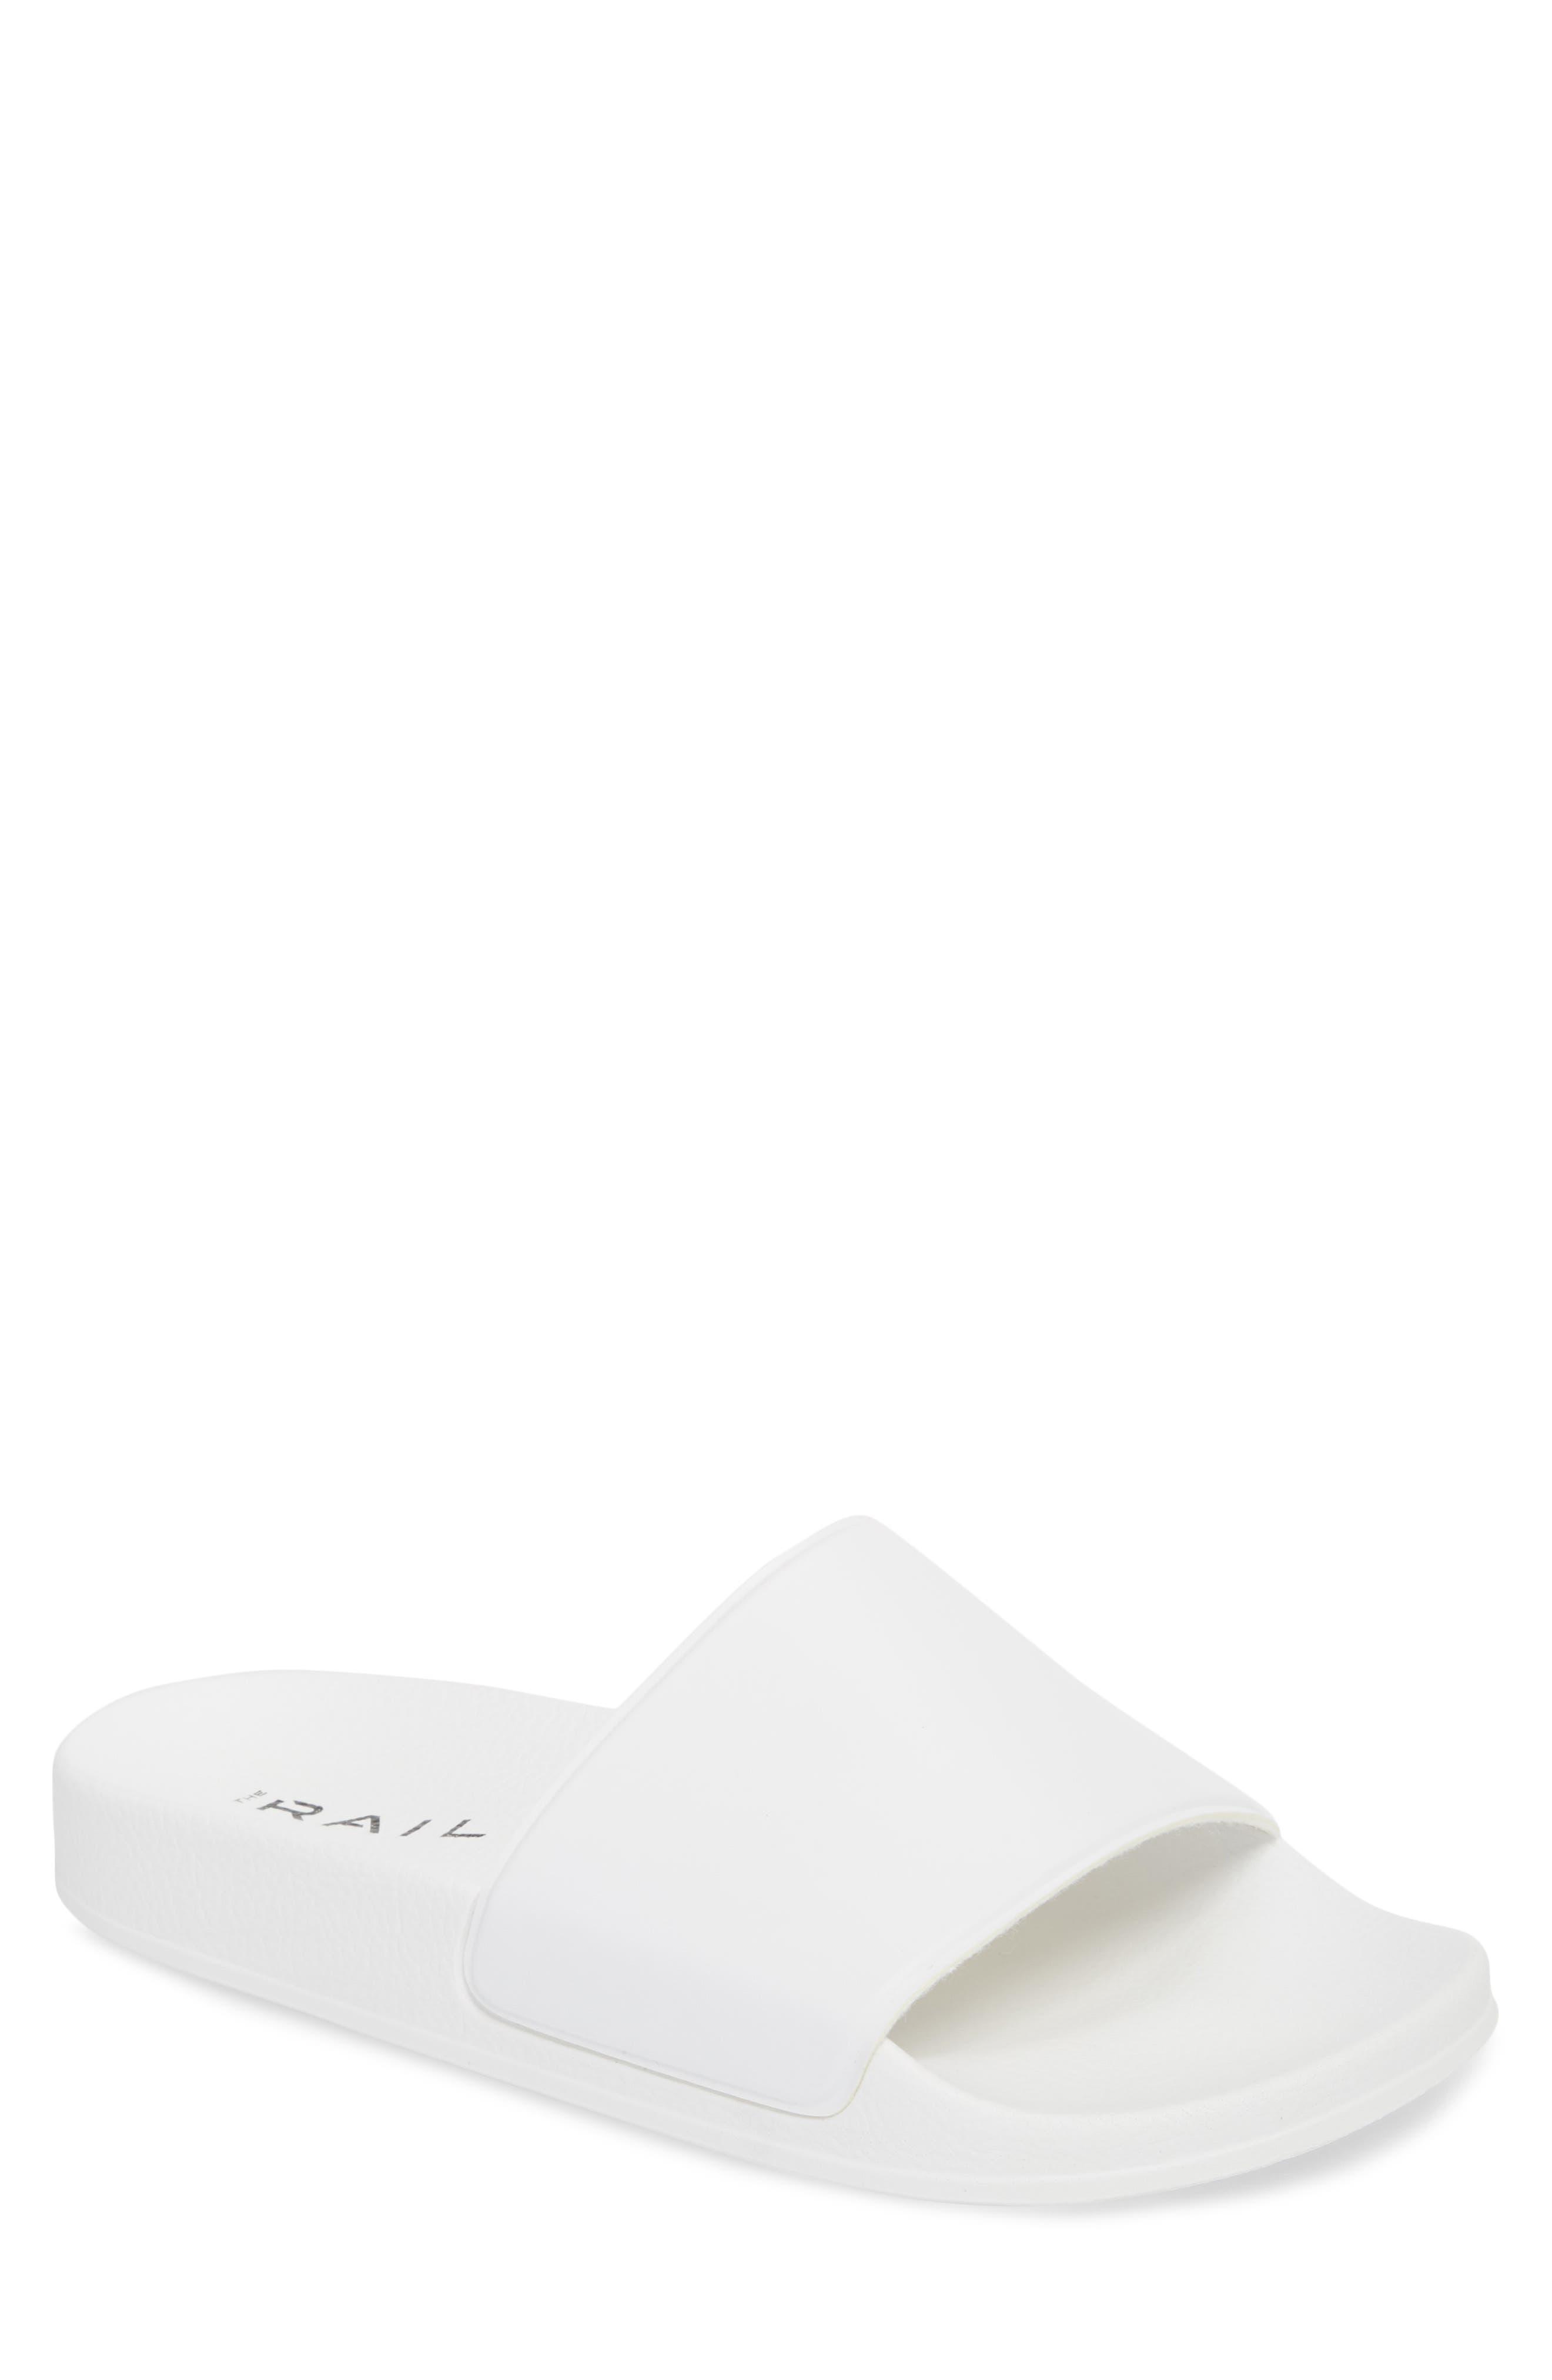 Bondi Slide Sandal,                             Main thumbnail 1, color,                             White